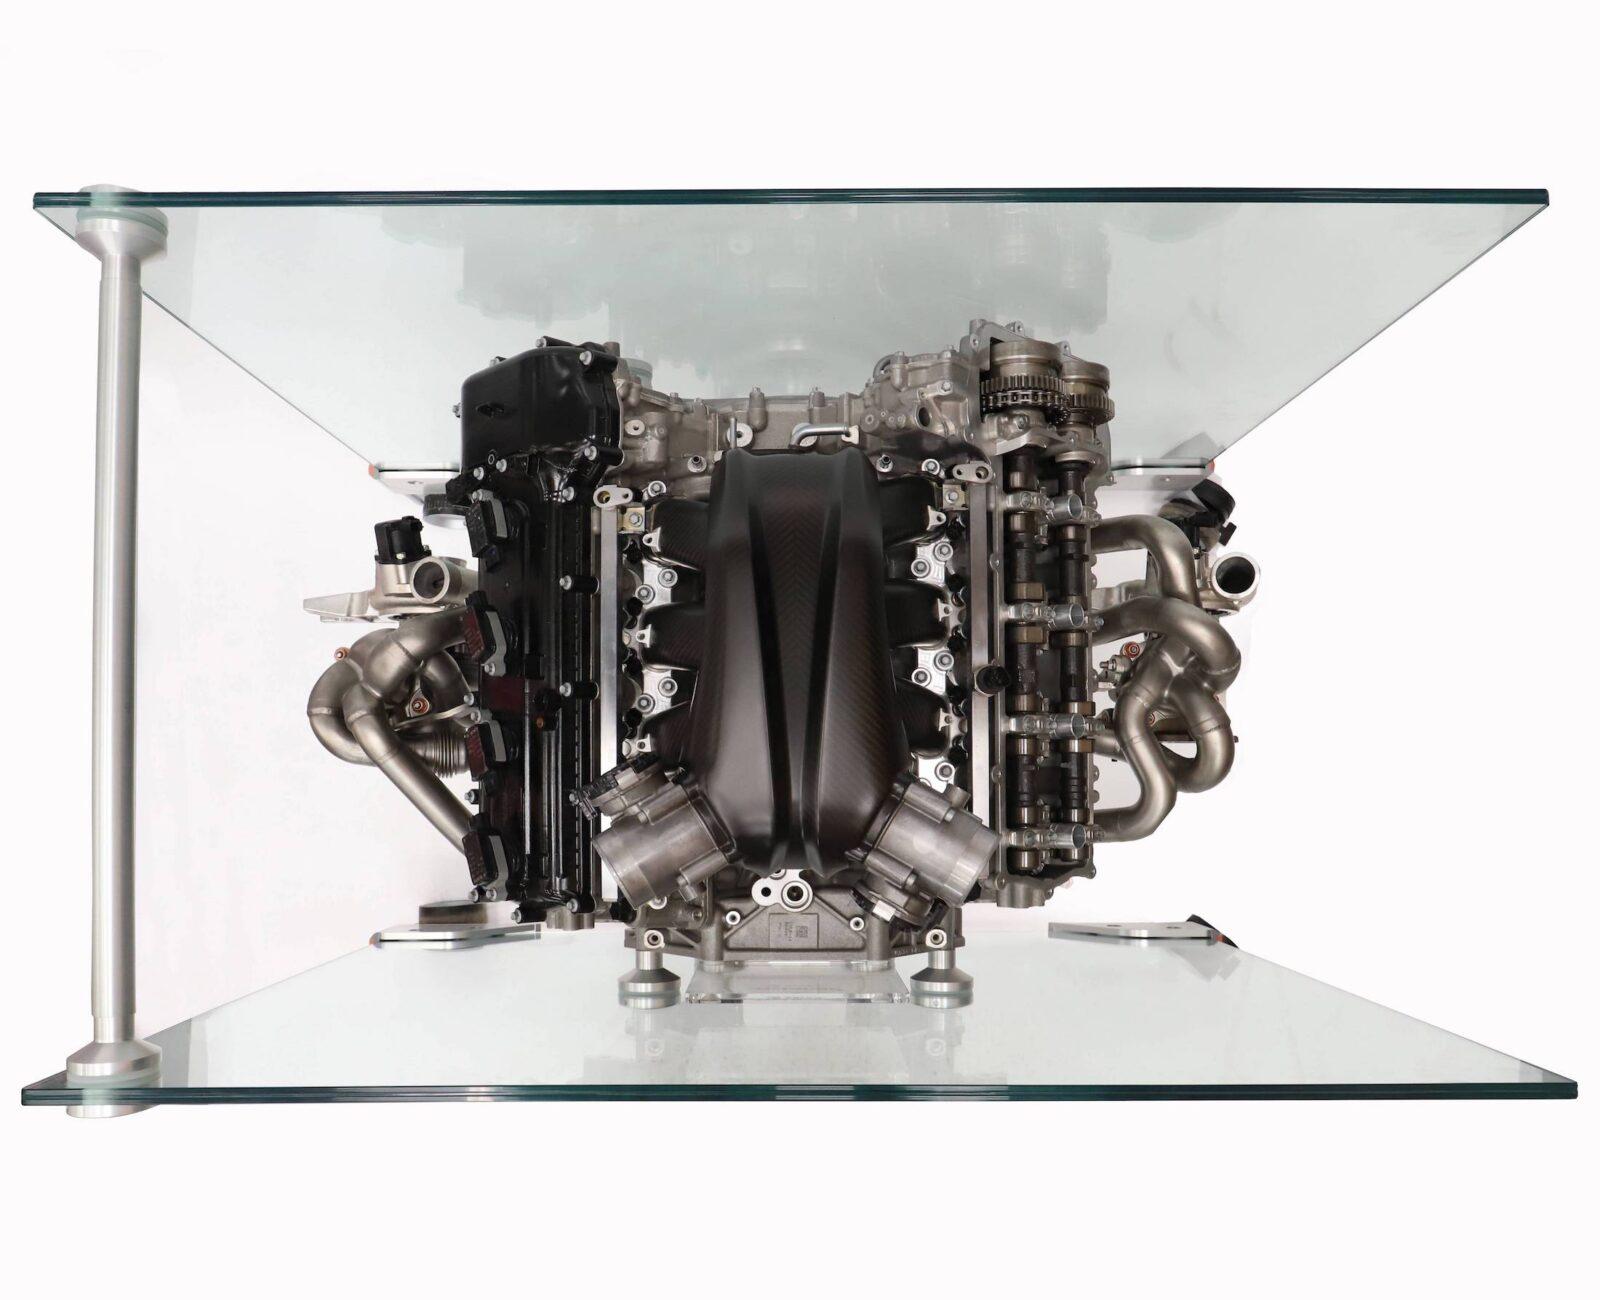 McLaren M838T / M840T engine